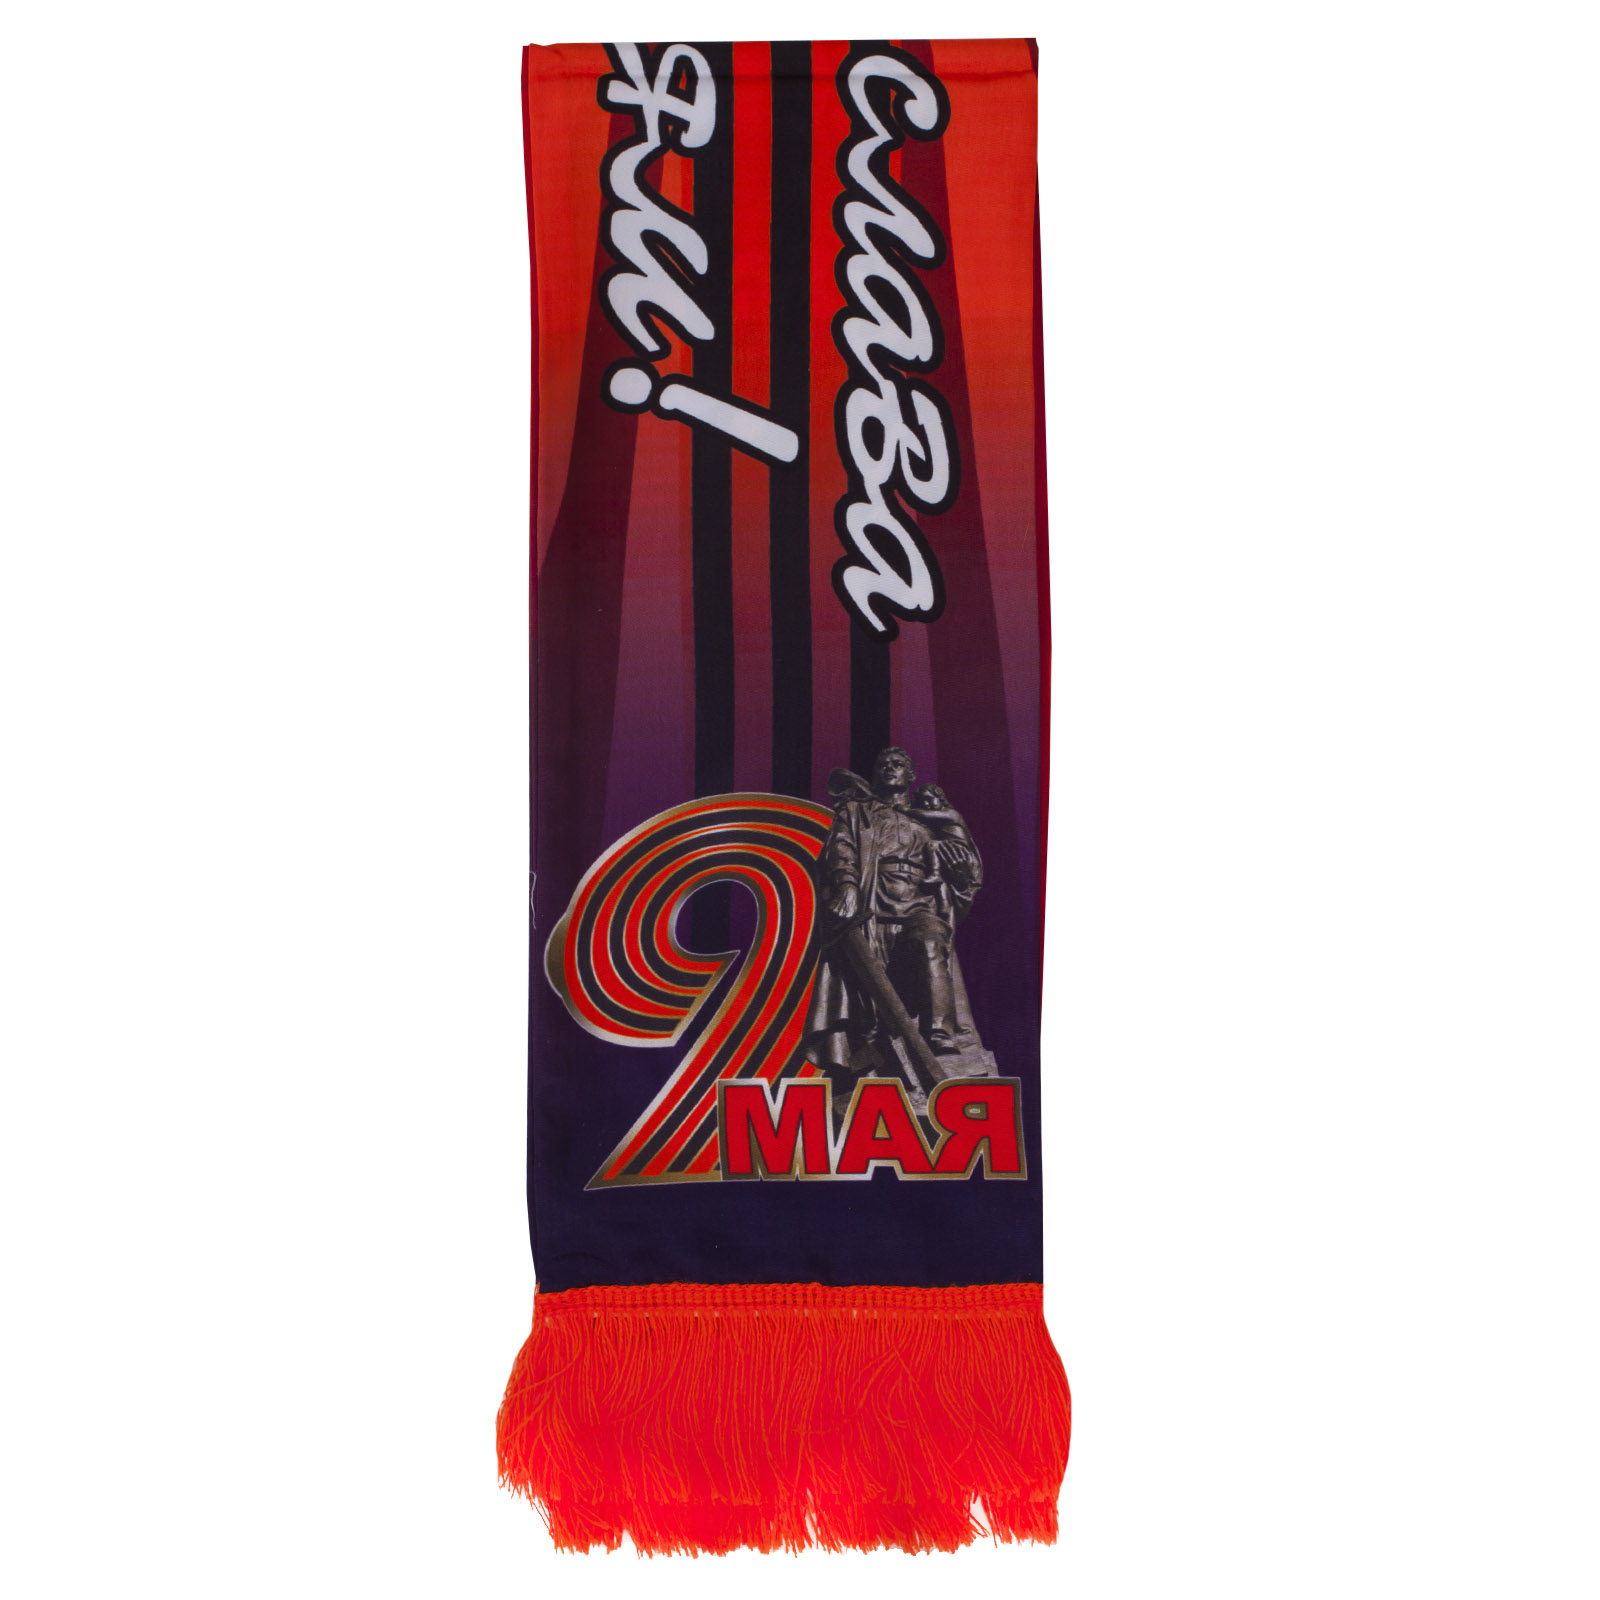 Сувенирно-подарочный шелковый шарф к 9 мая с принтом «Великая Победа».